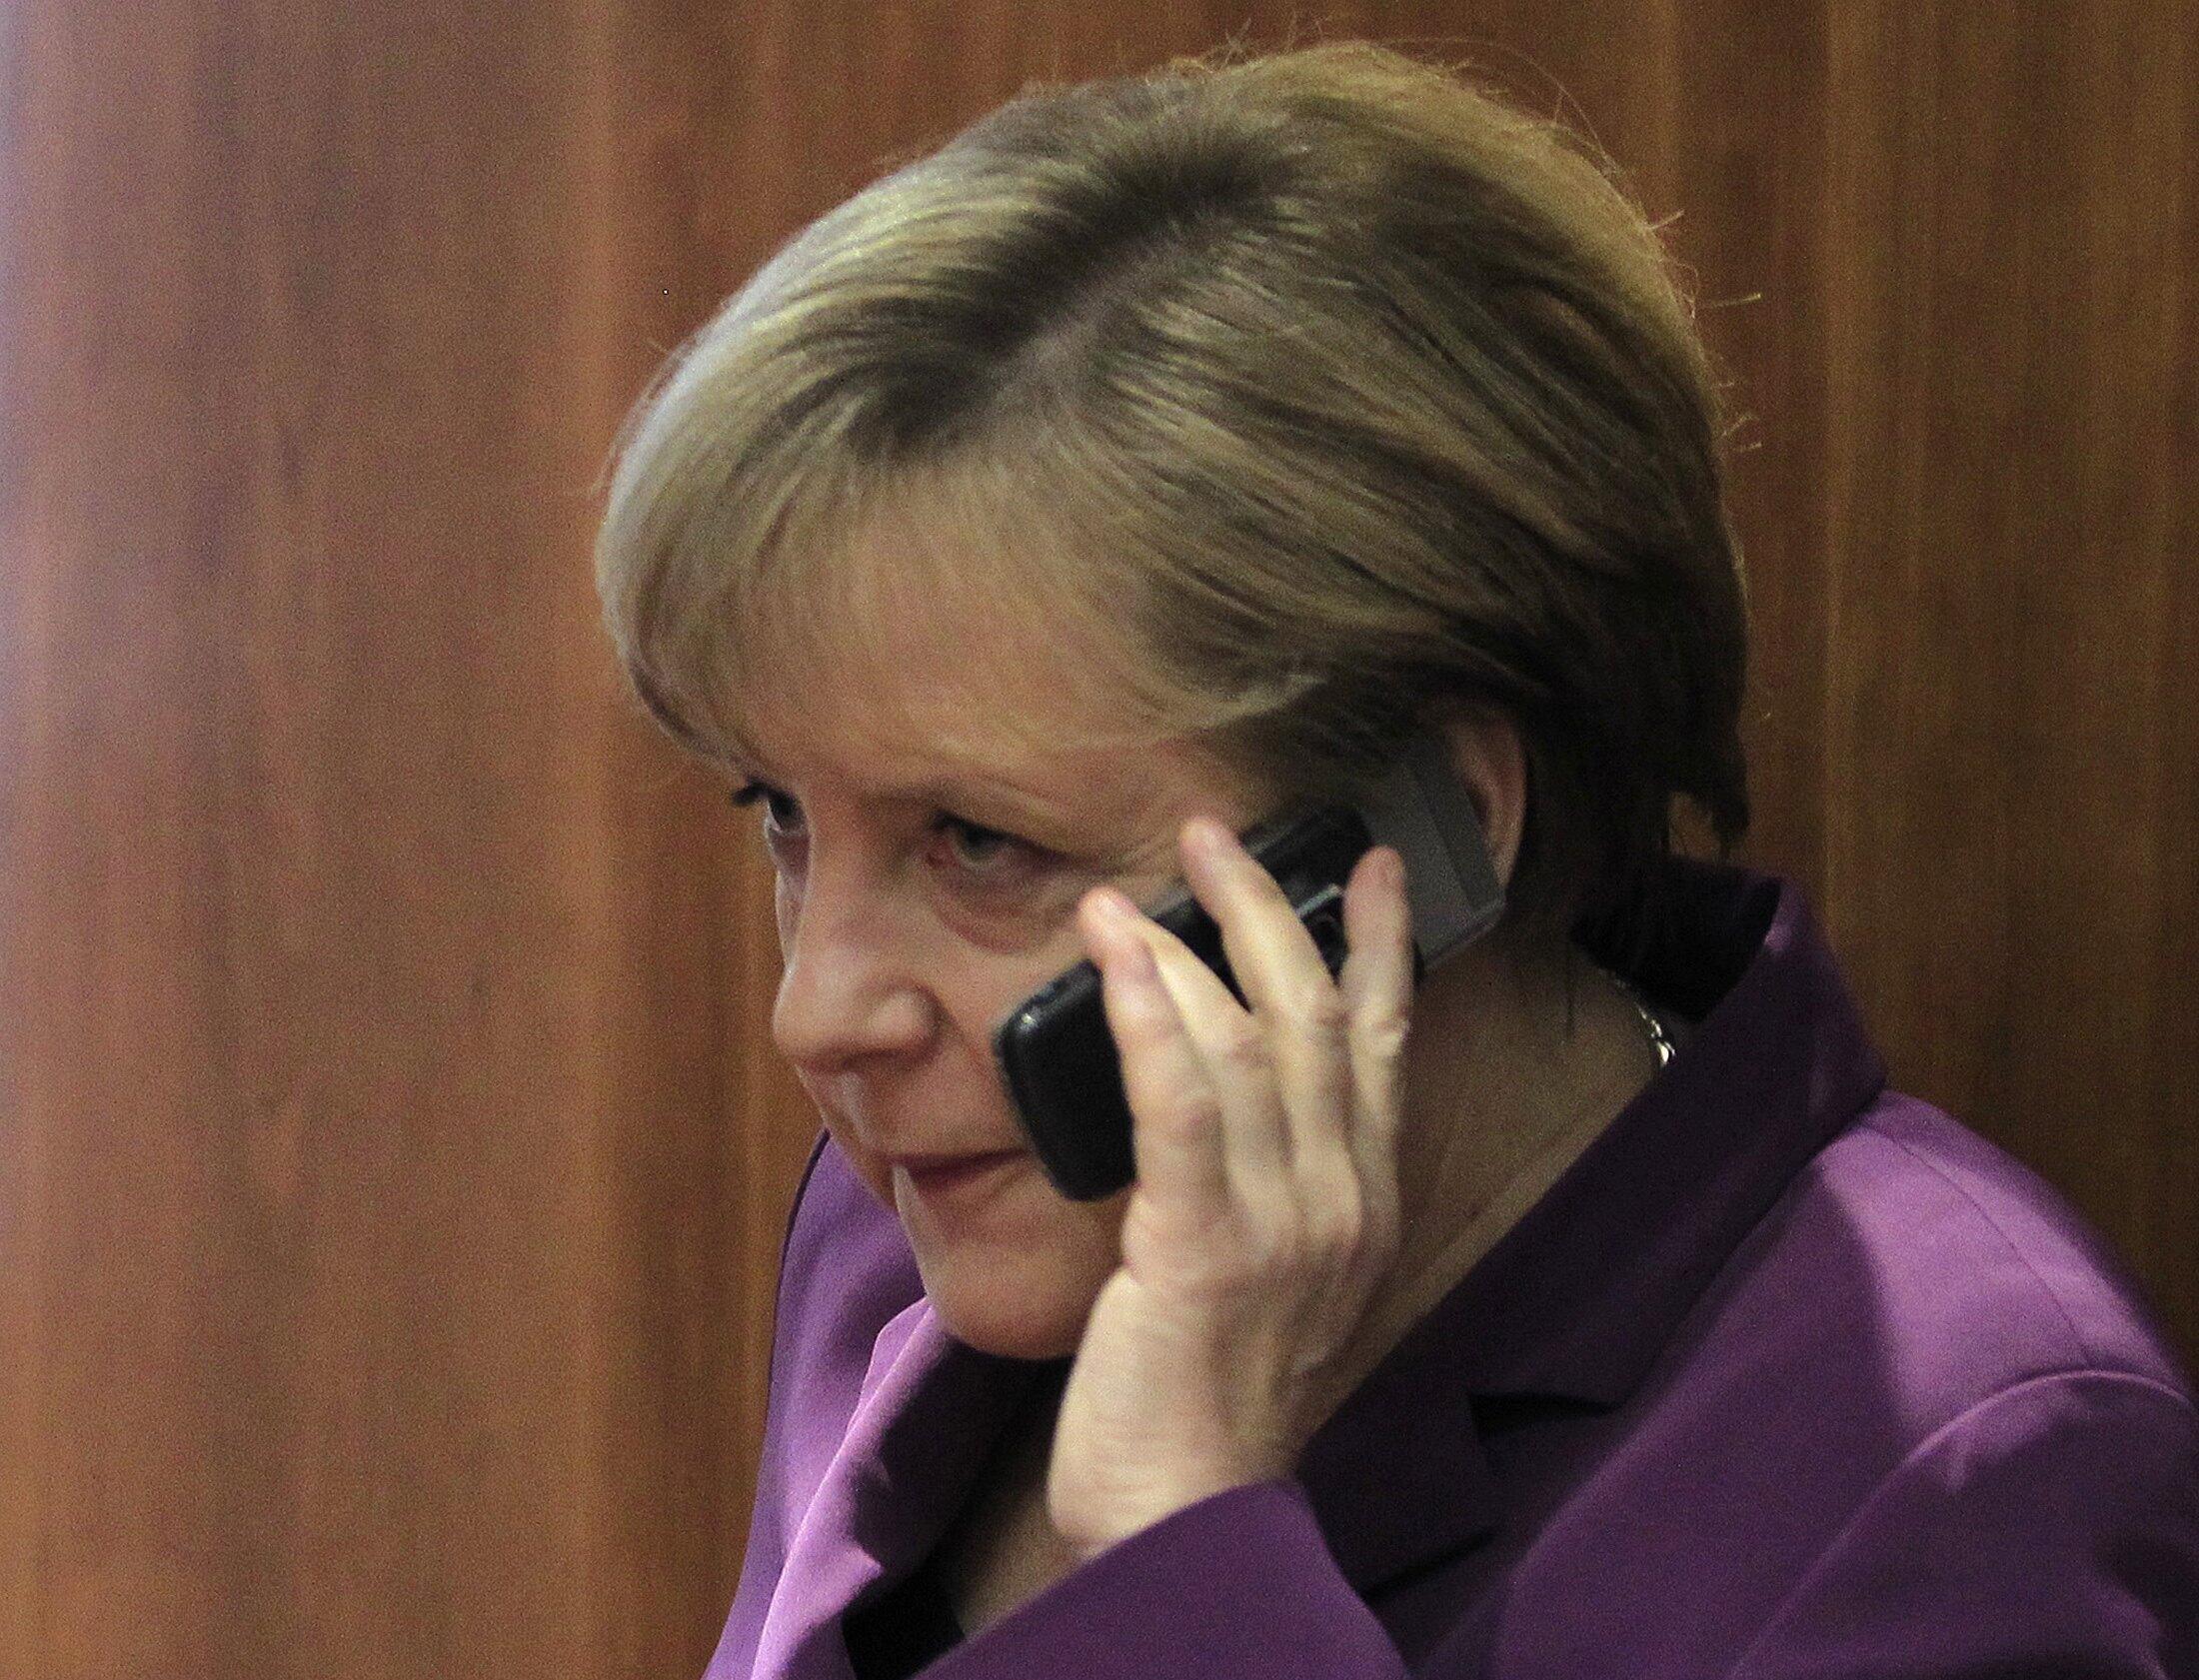 A chanceler da Alemanha, Angela Merkel, pode ter tido seu celular monitorado pelo governo dos Estados Unidos.